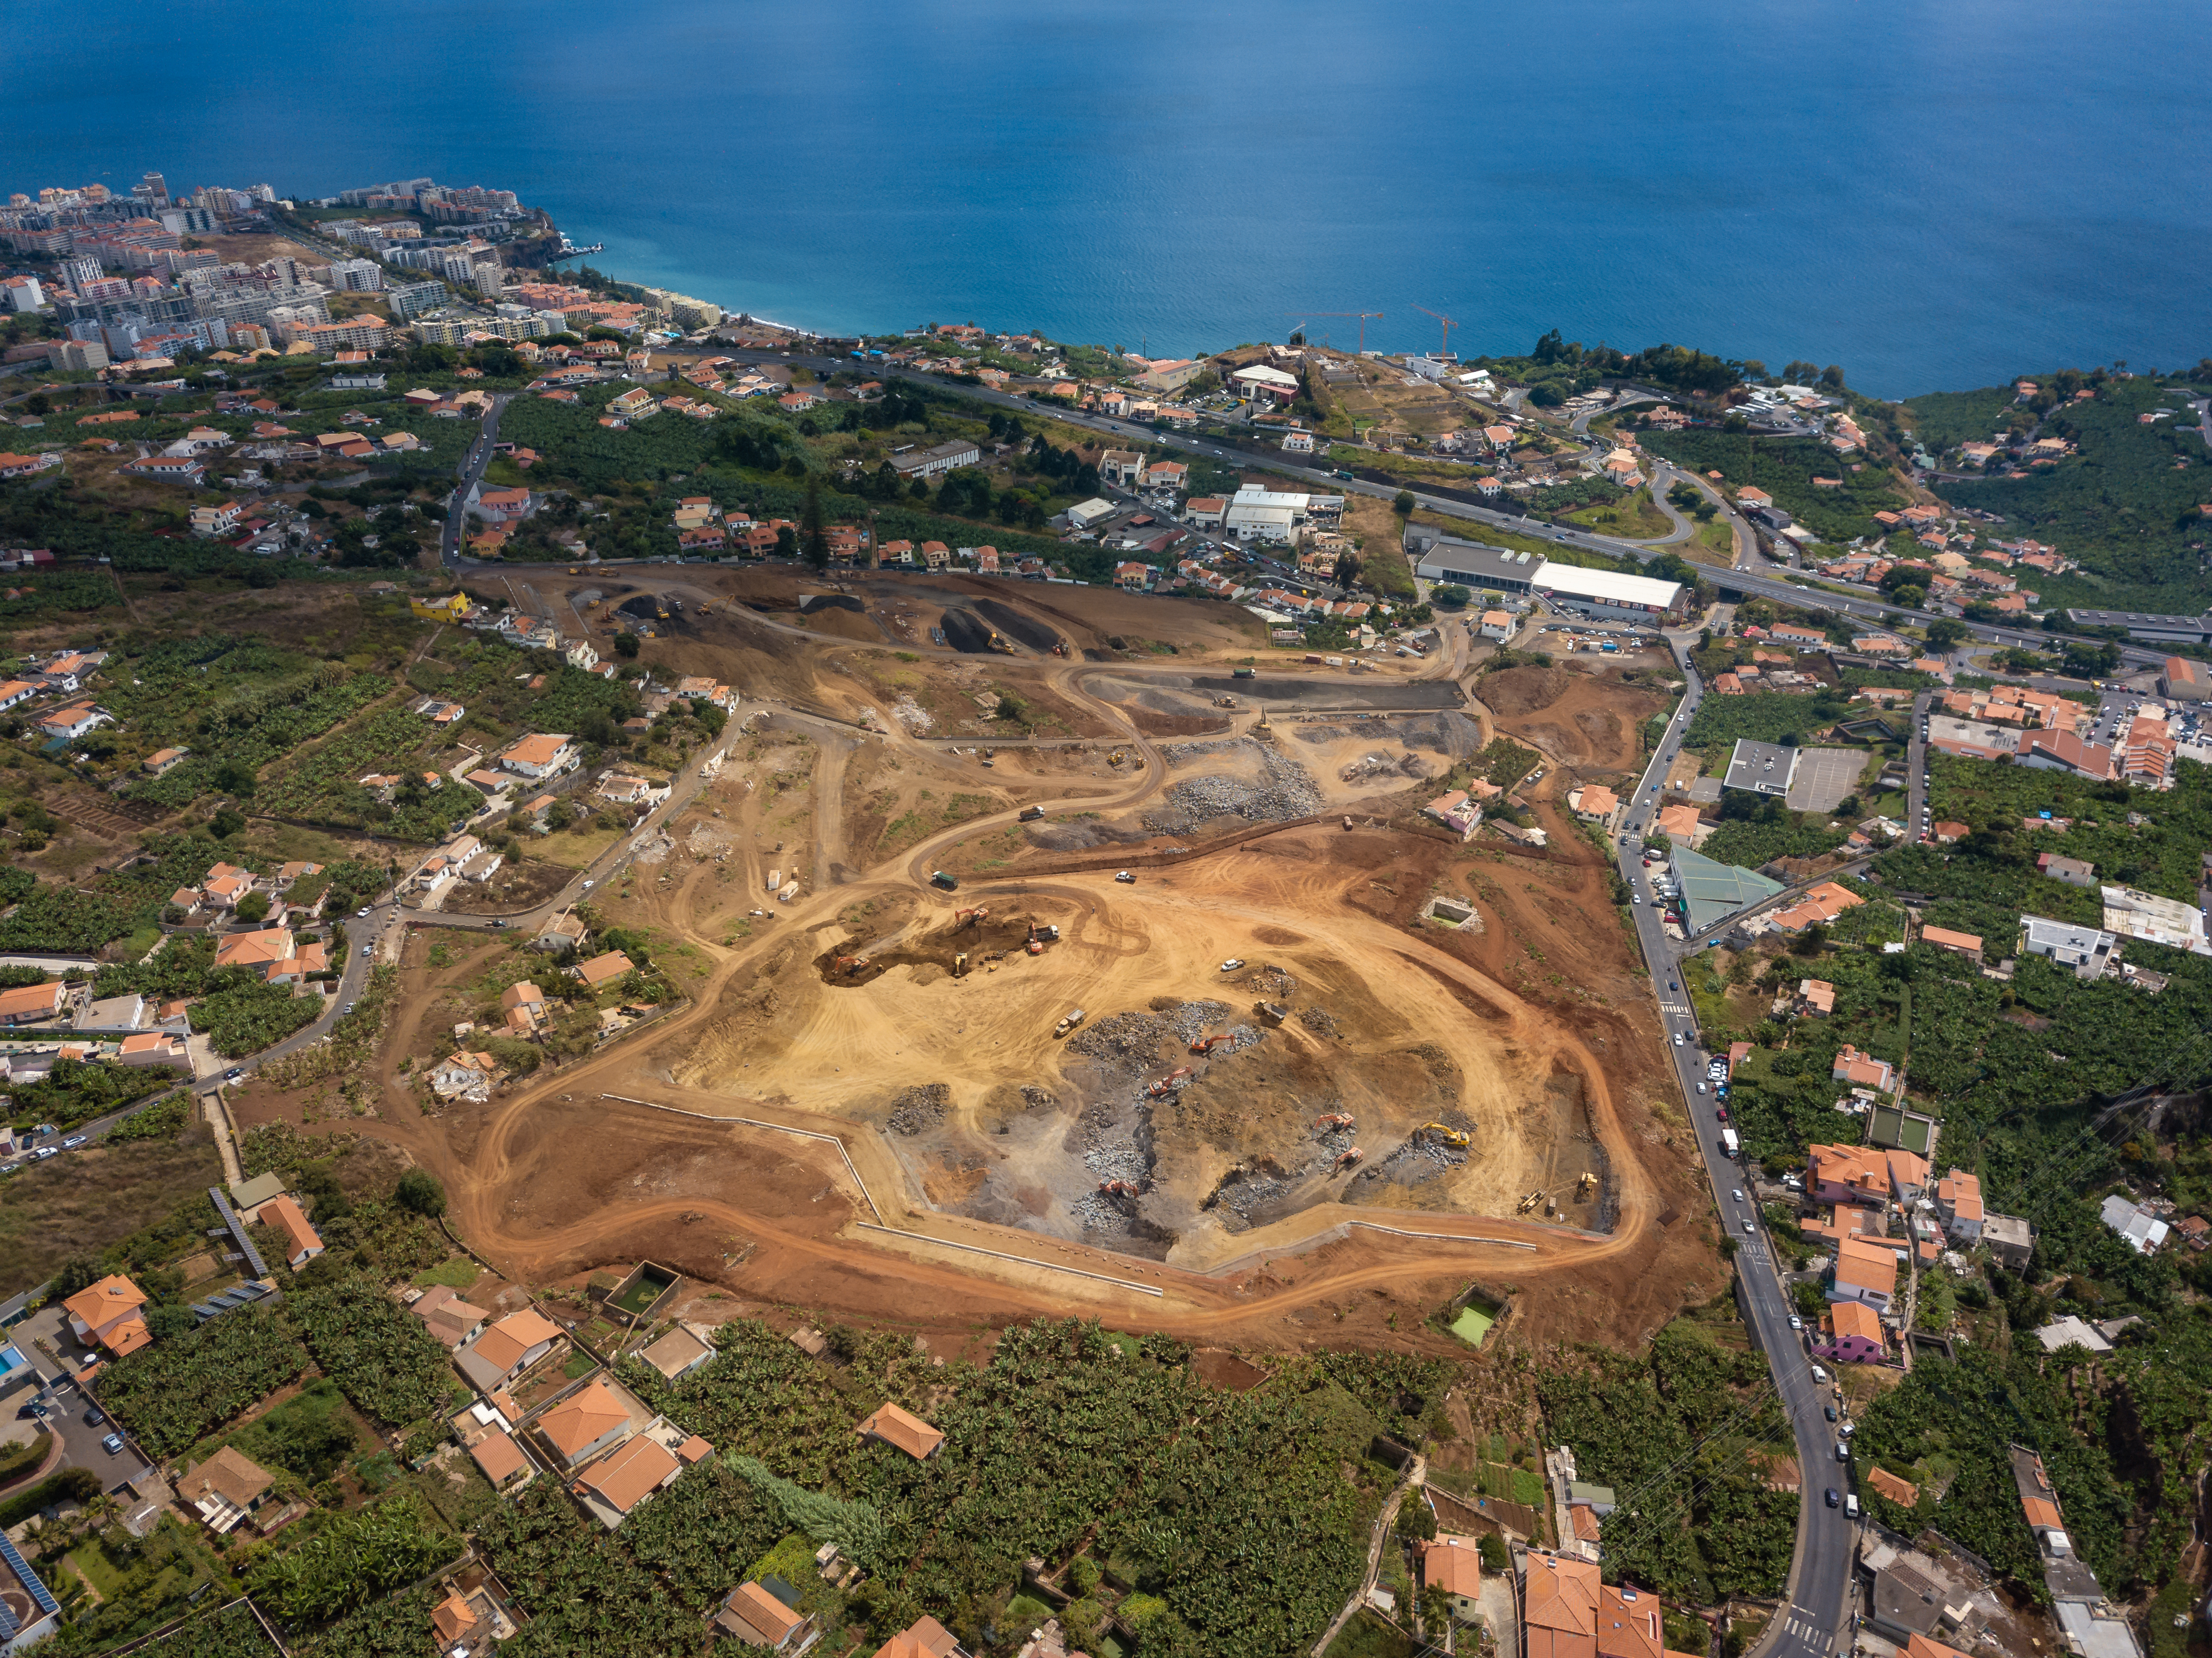 Construção do Hospital Central da Madeira com parecer favorável do Tribunal de Contas